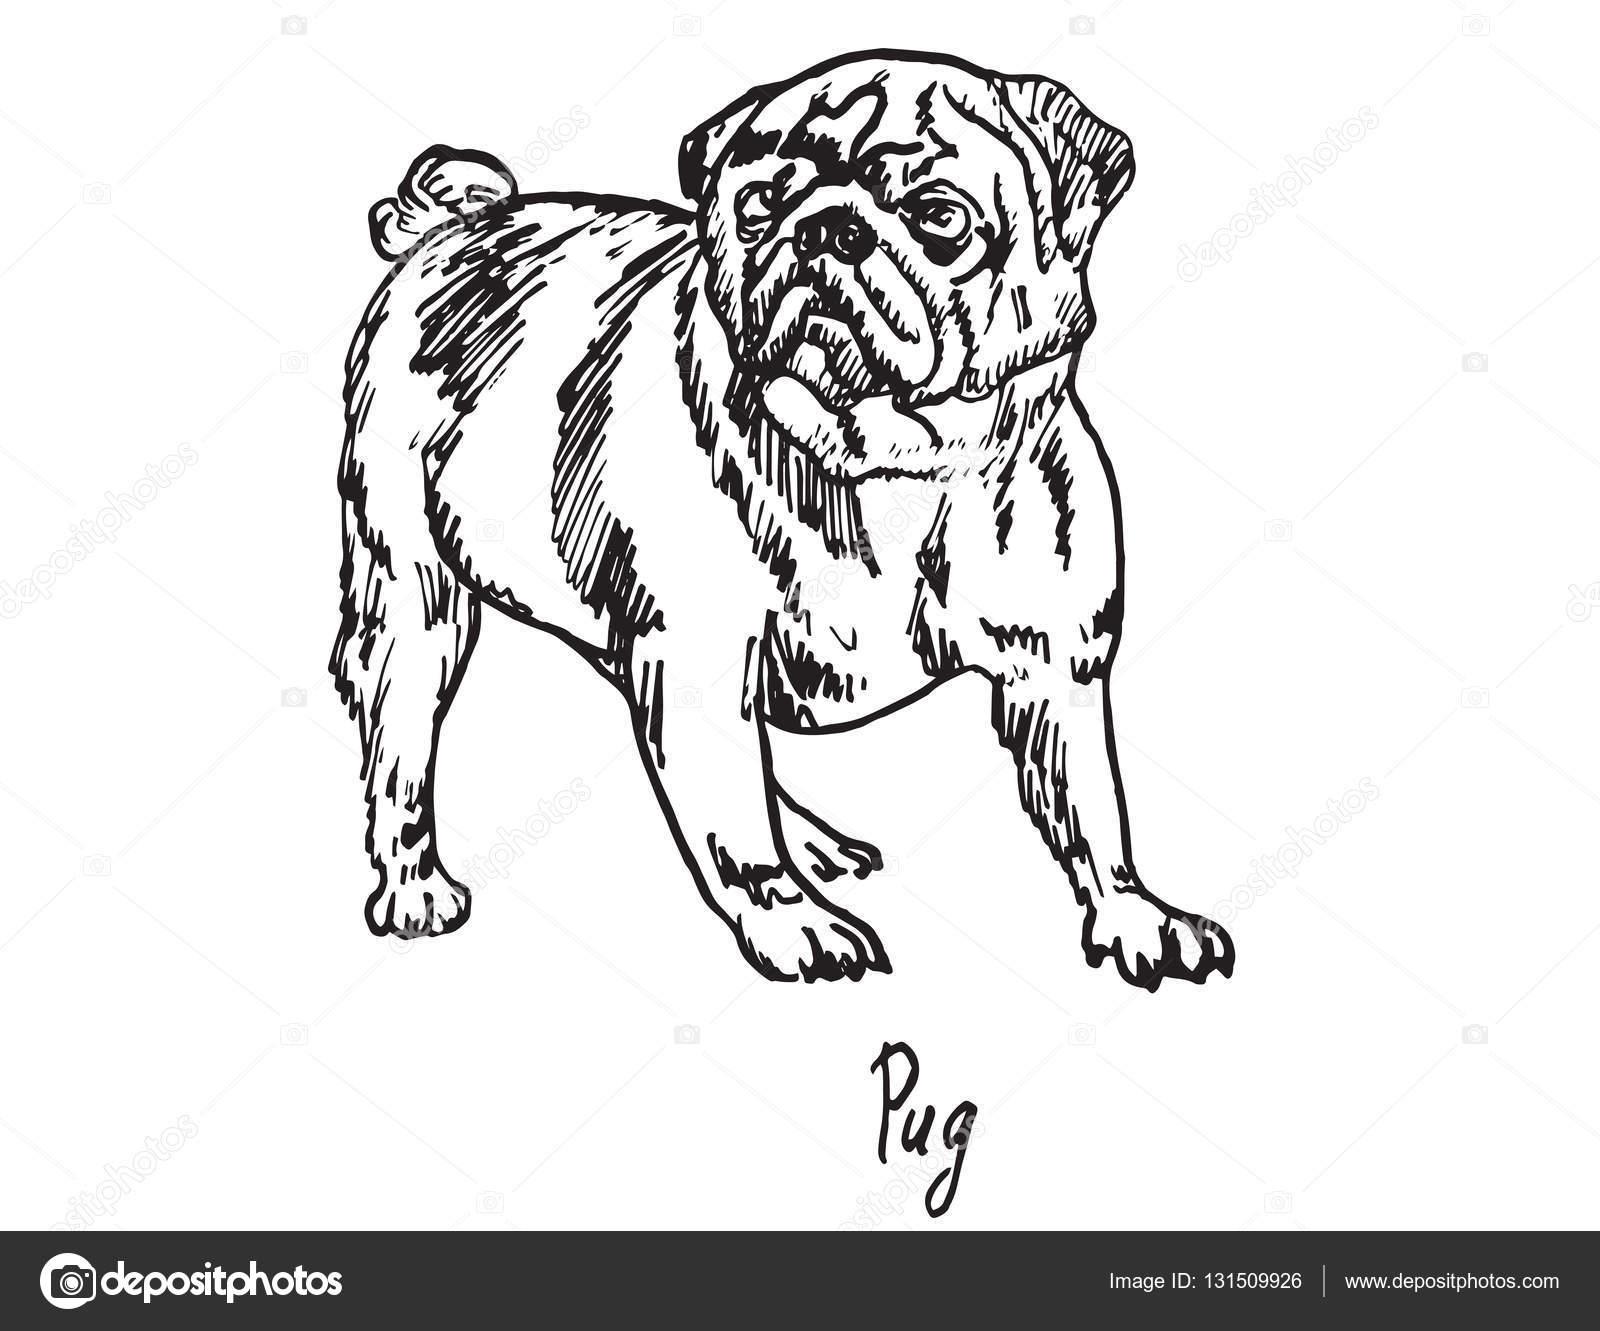 1600x1331 Pug, Hand Drawn Doodle Sketch Stock Vector Psartdesignstudio